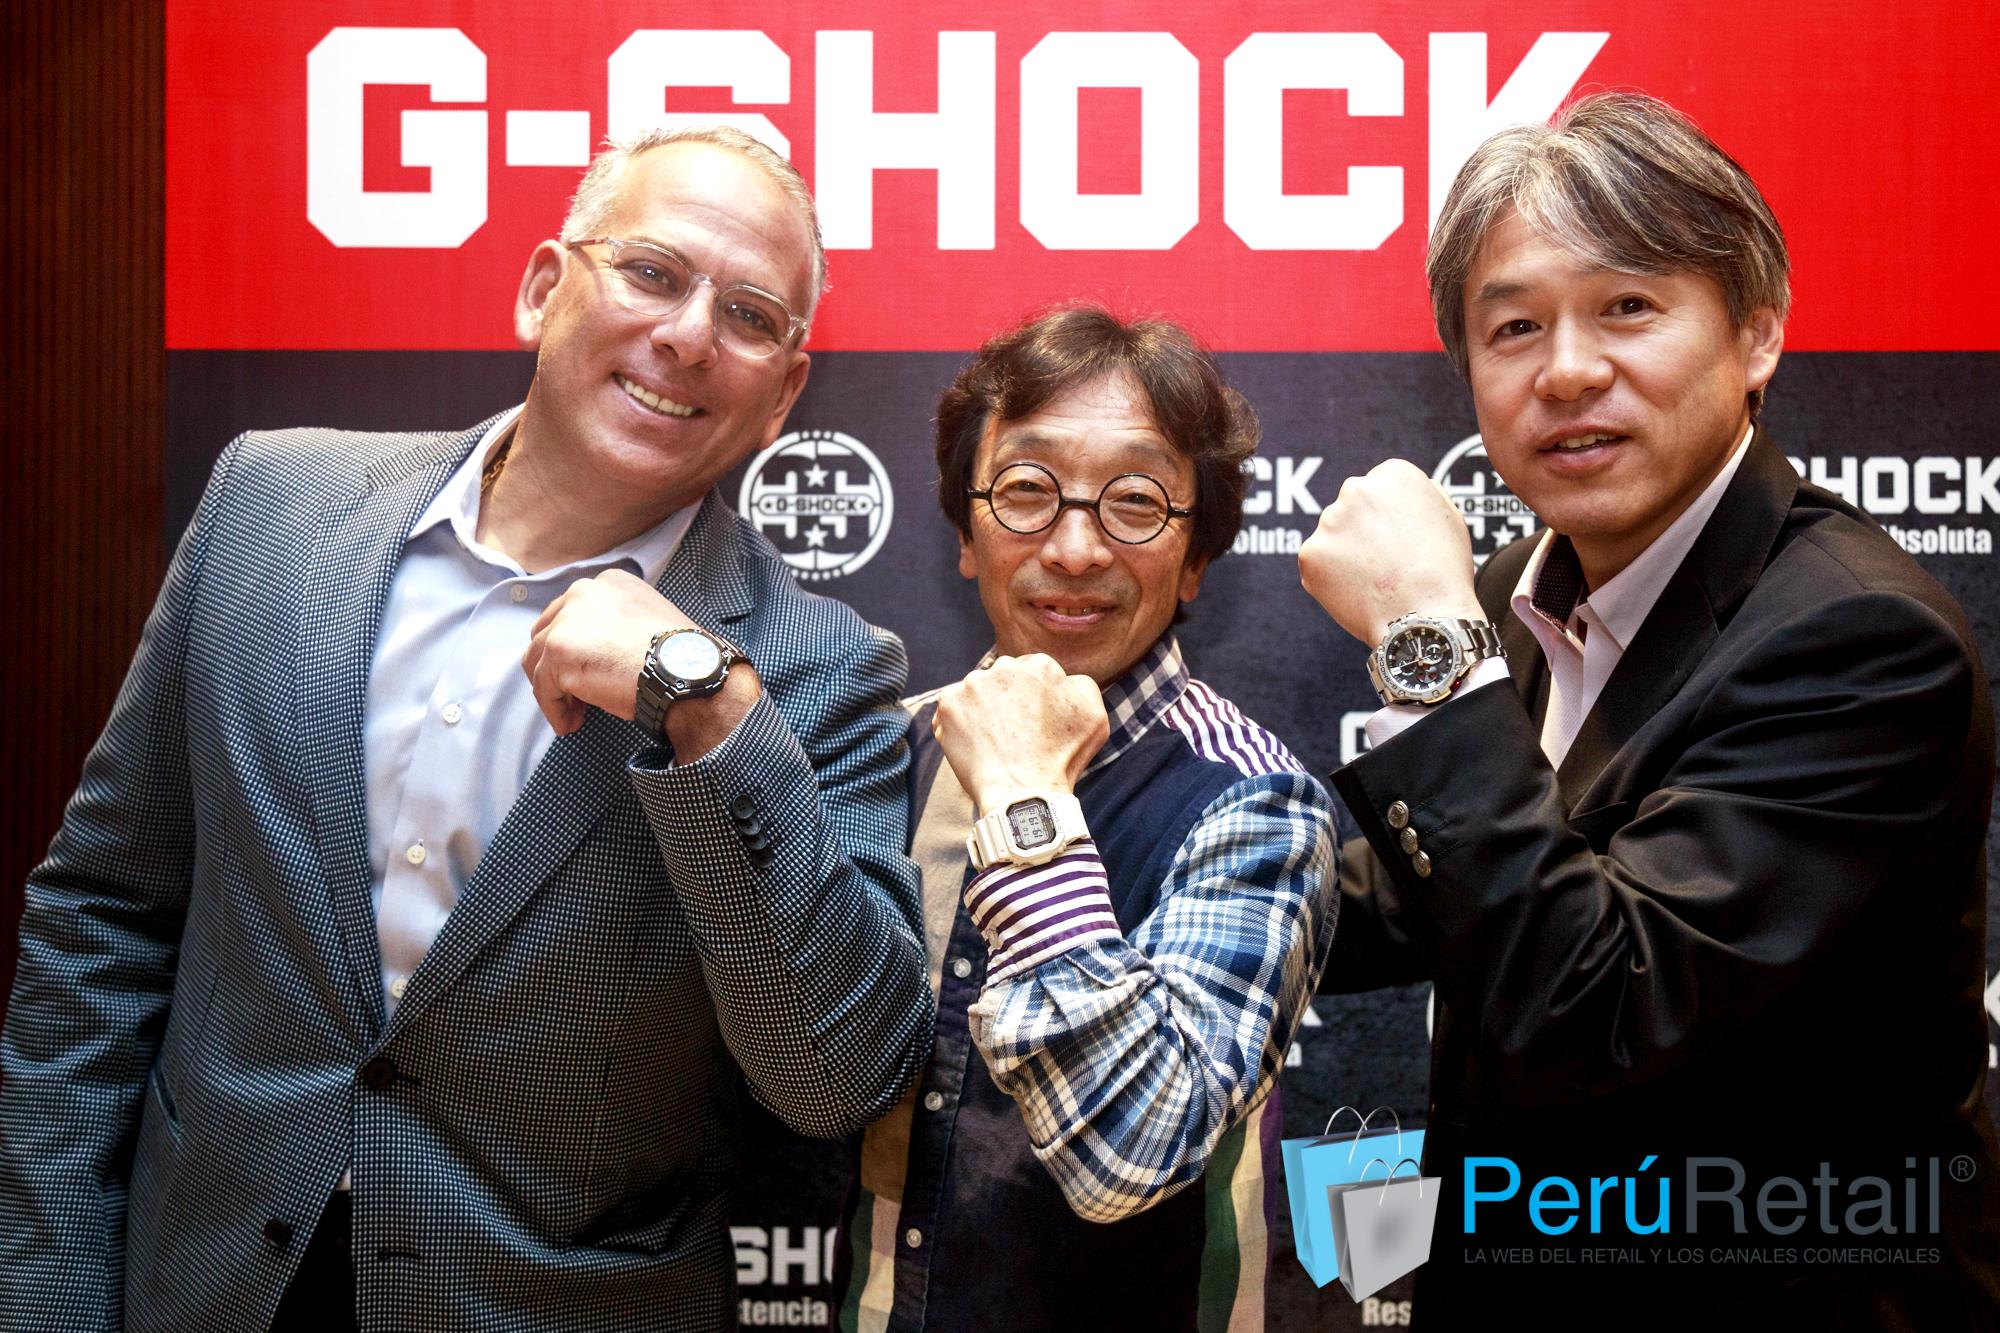 G Shock 2401 Peru Retail - Perú: G–Shock celebra 35 años de innovación